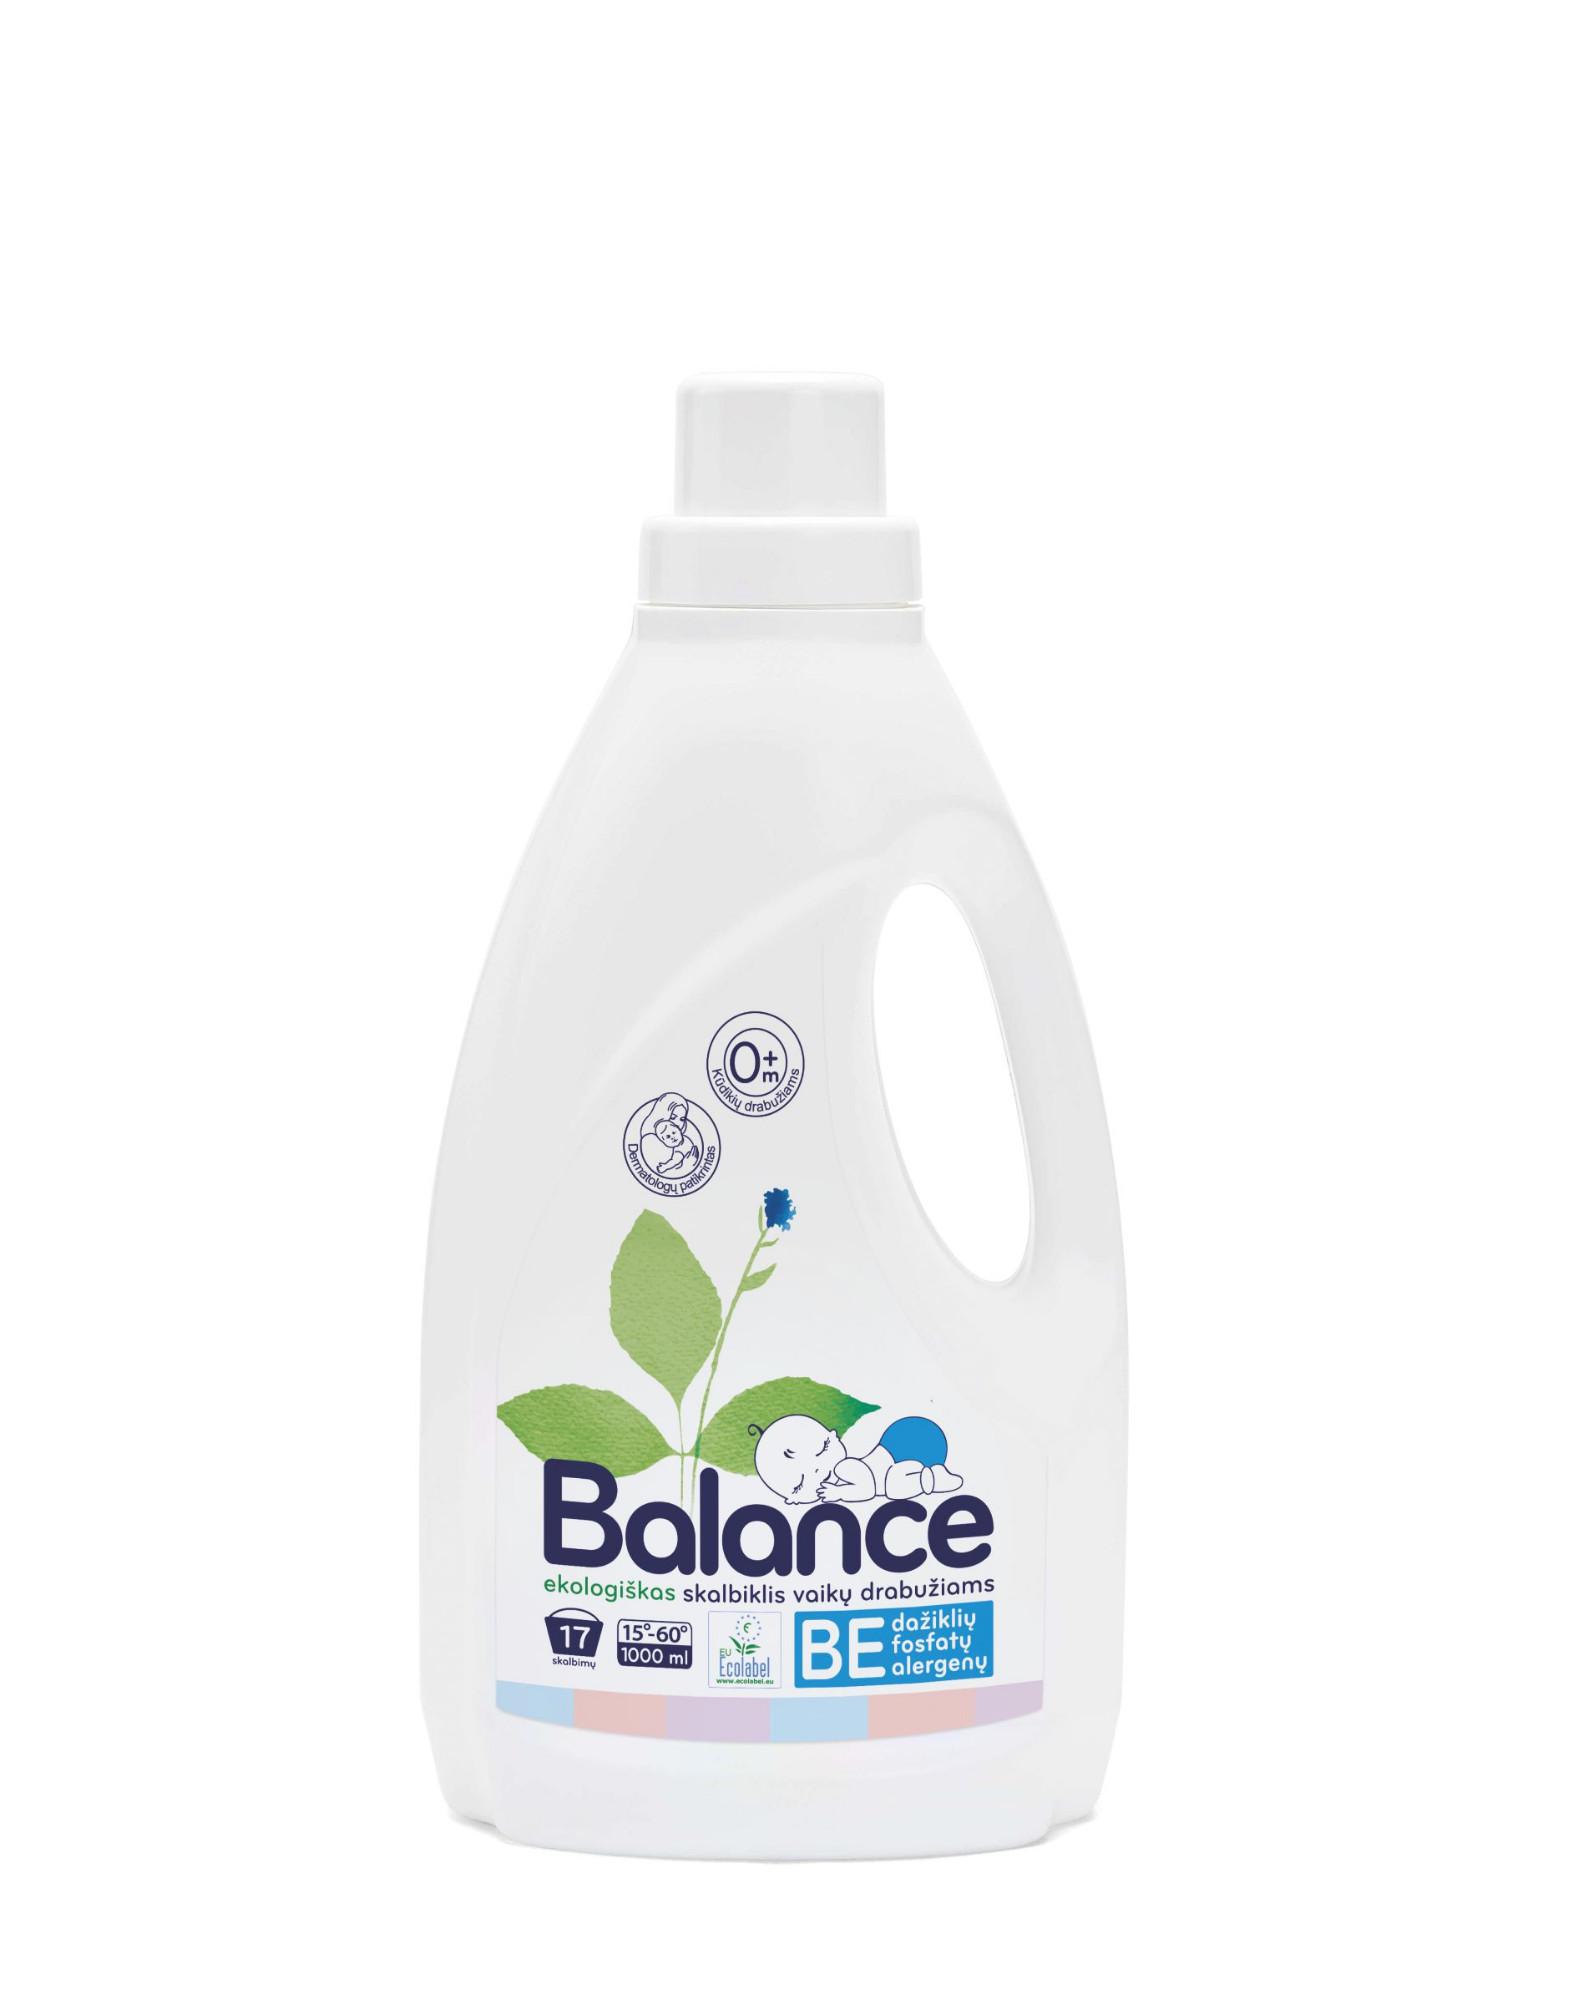 Ekologiškas skalbiklis vaikų drabužiams BALANCE, 1 L